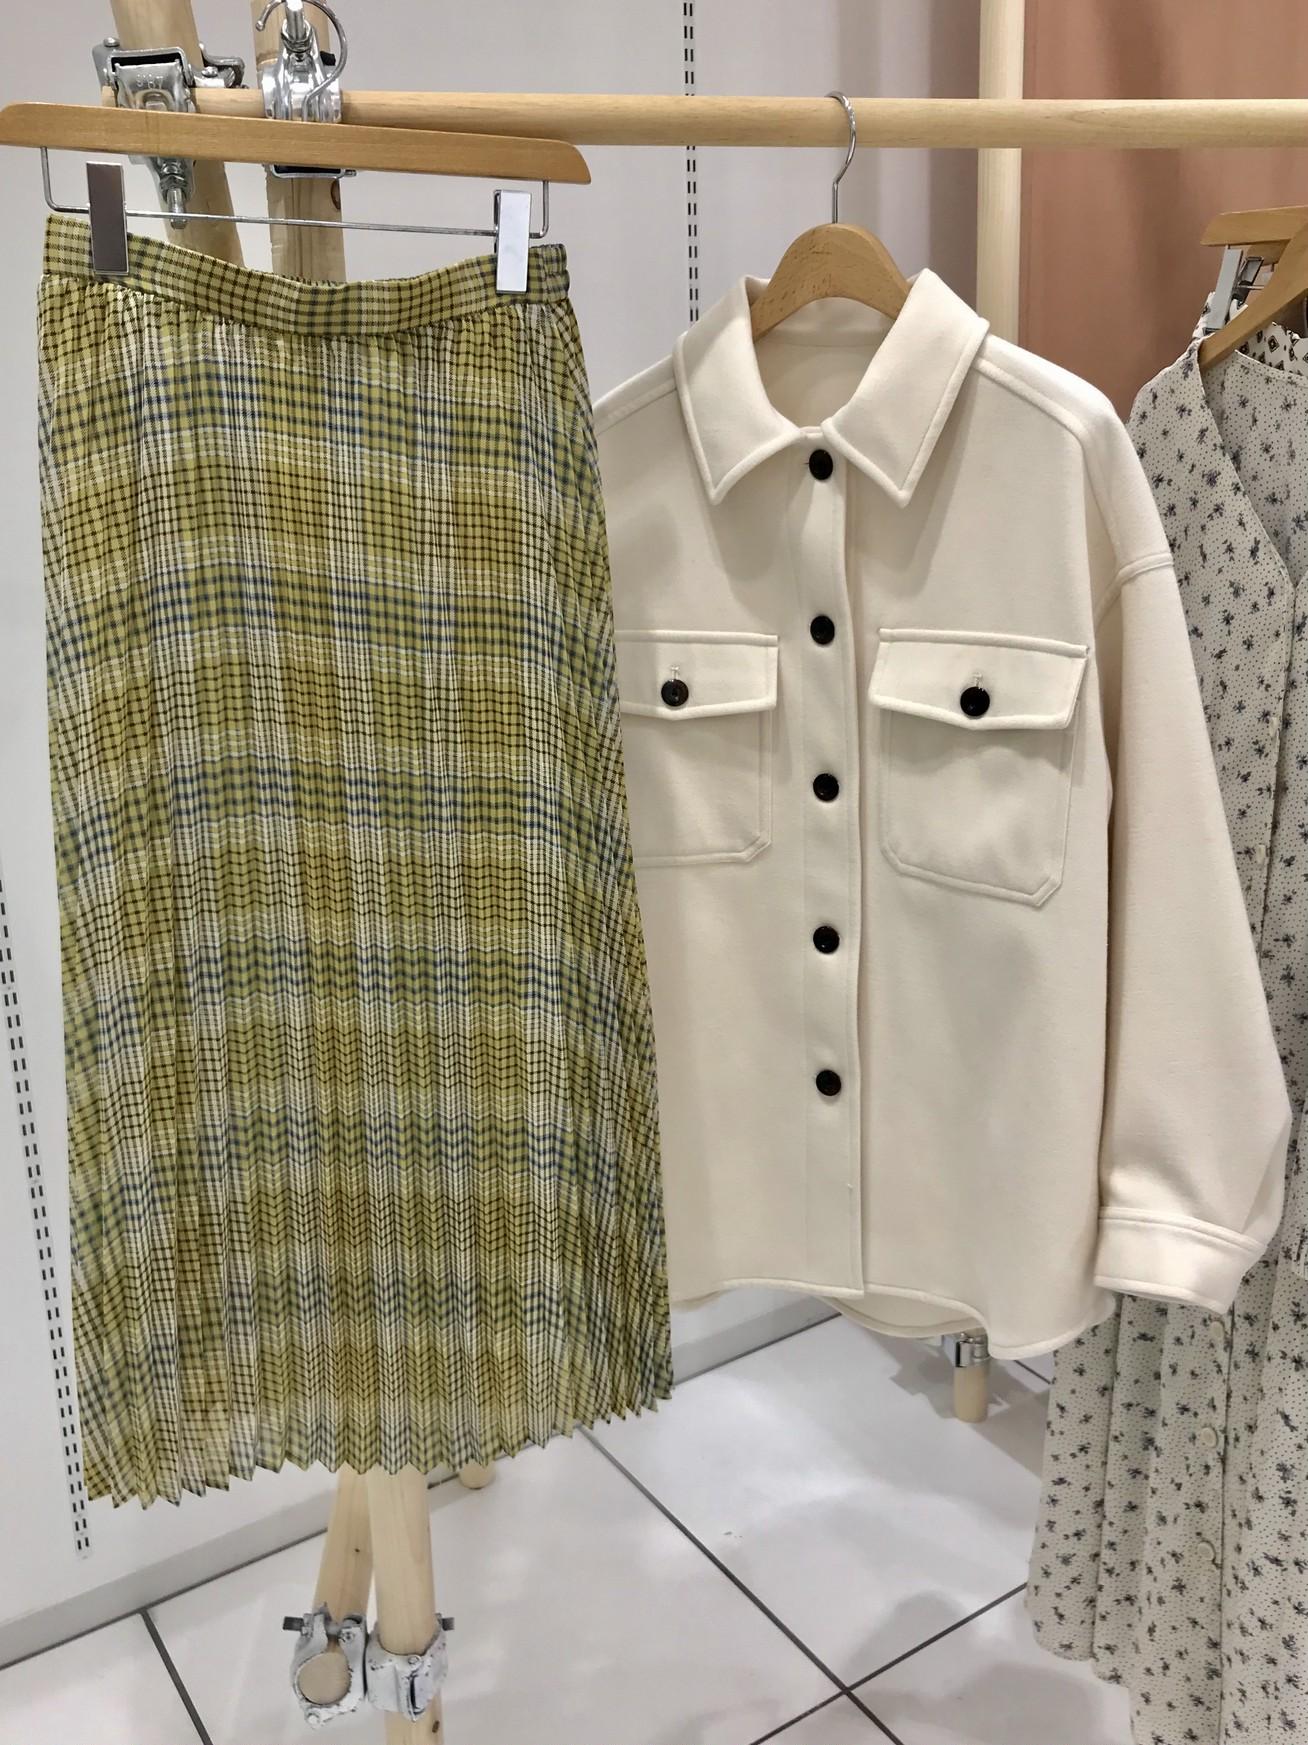 2019秋→冬は中間ライトアウターを買え【GU(ジーユー)】のCPOジャケットで30代女子があか抜けるコーデのコツ_3_7